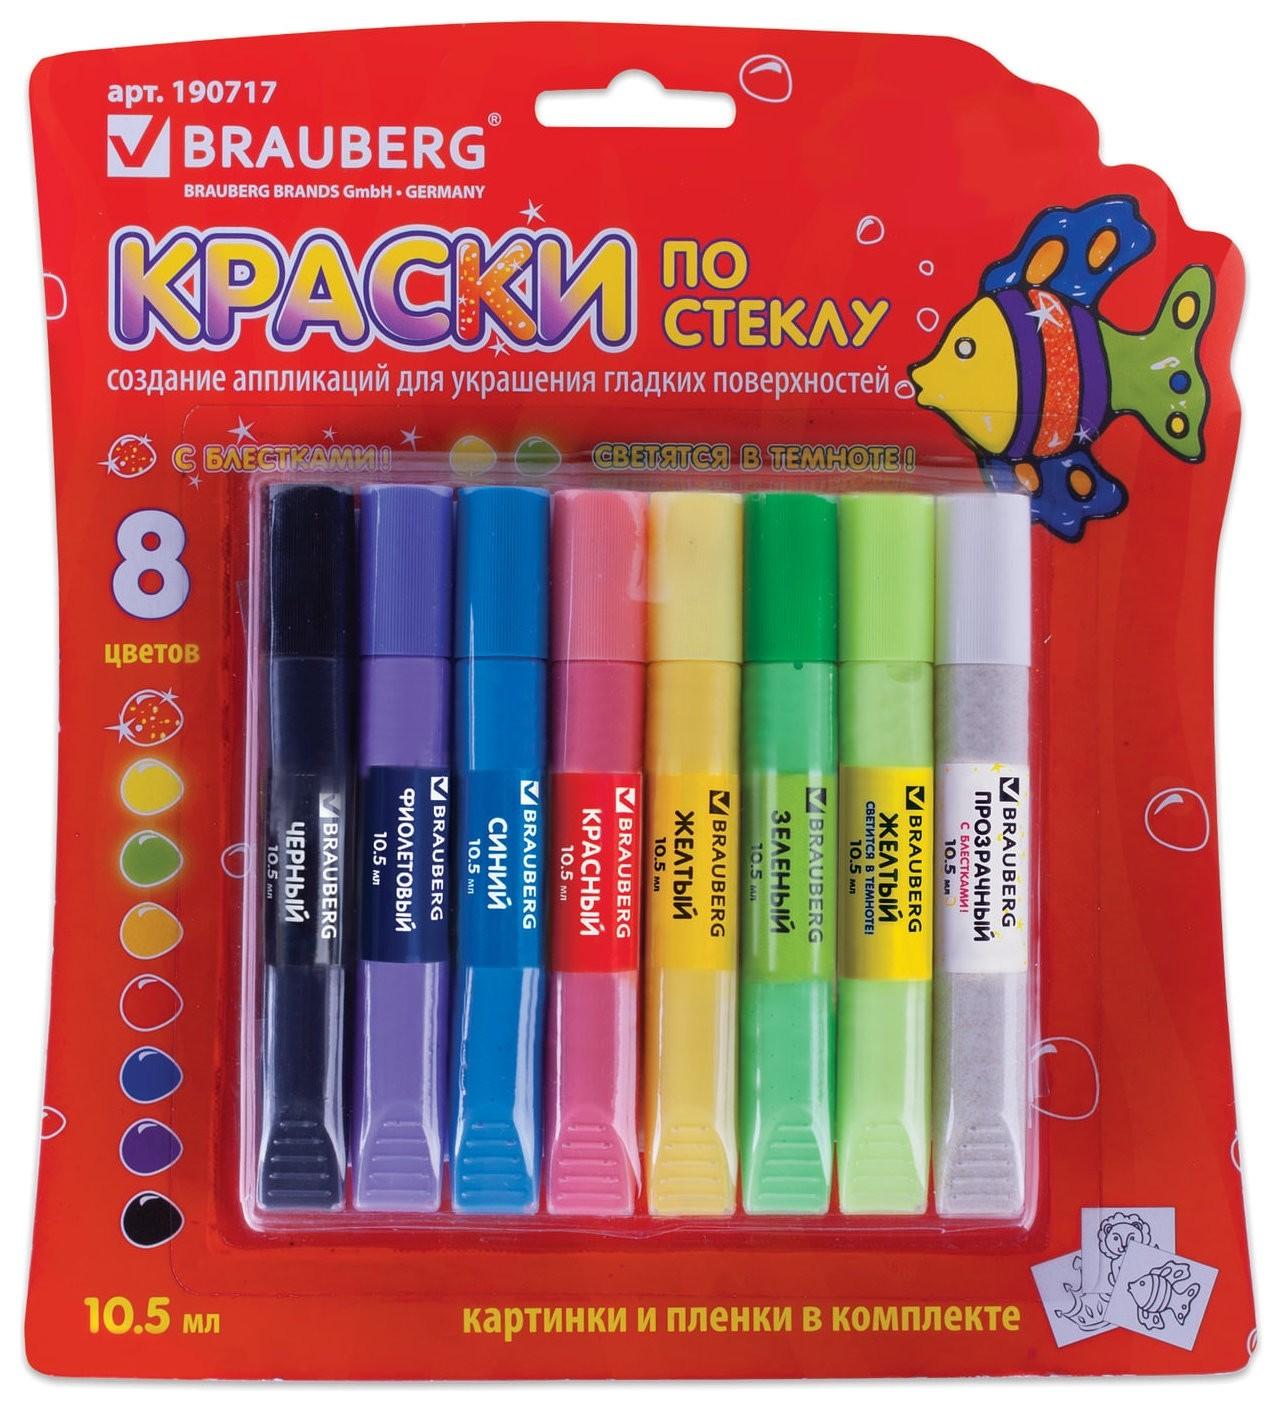 Краски по стеклу (витражные) BRAUBERG, 8 цветов по 10,5 мл (2 флуоресцентных, 1 с блестками), 6 шаблонов, блистер  Brauberg